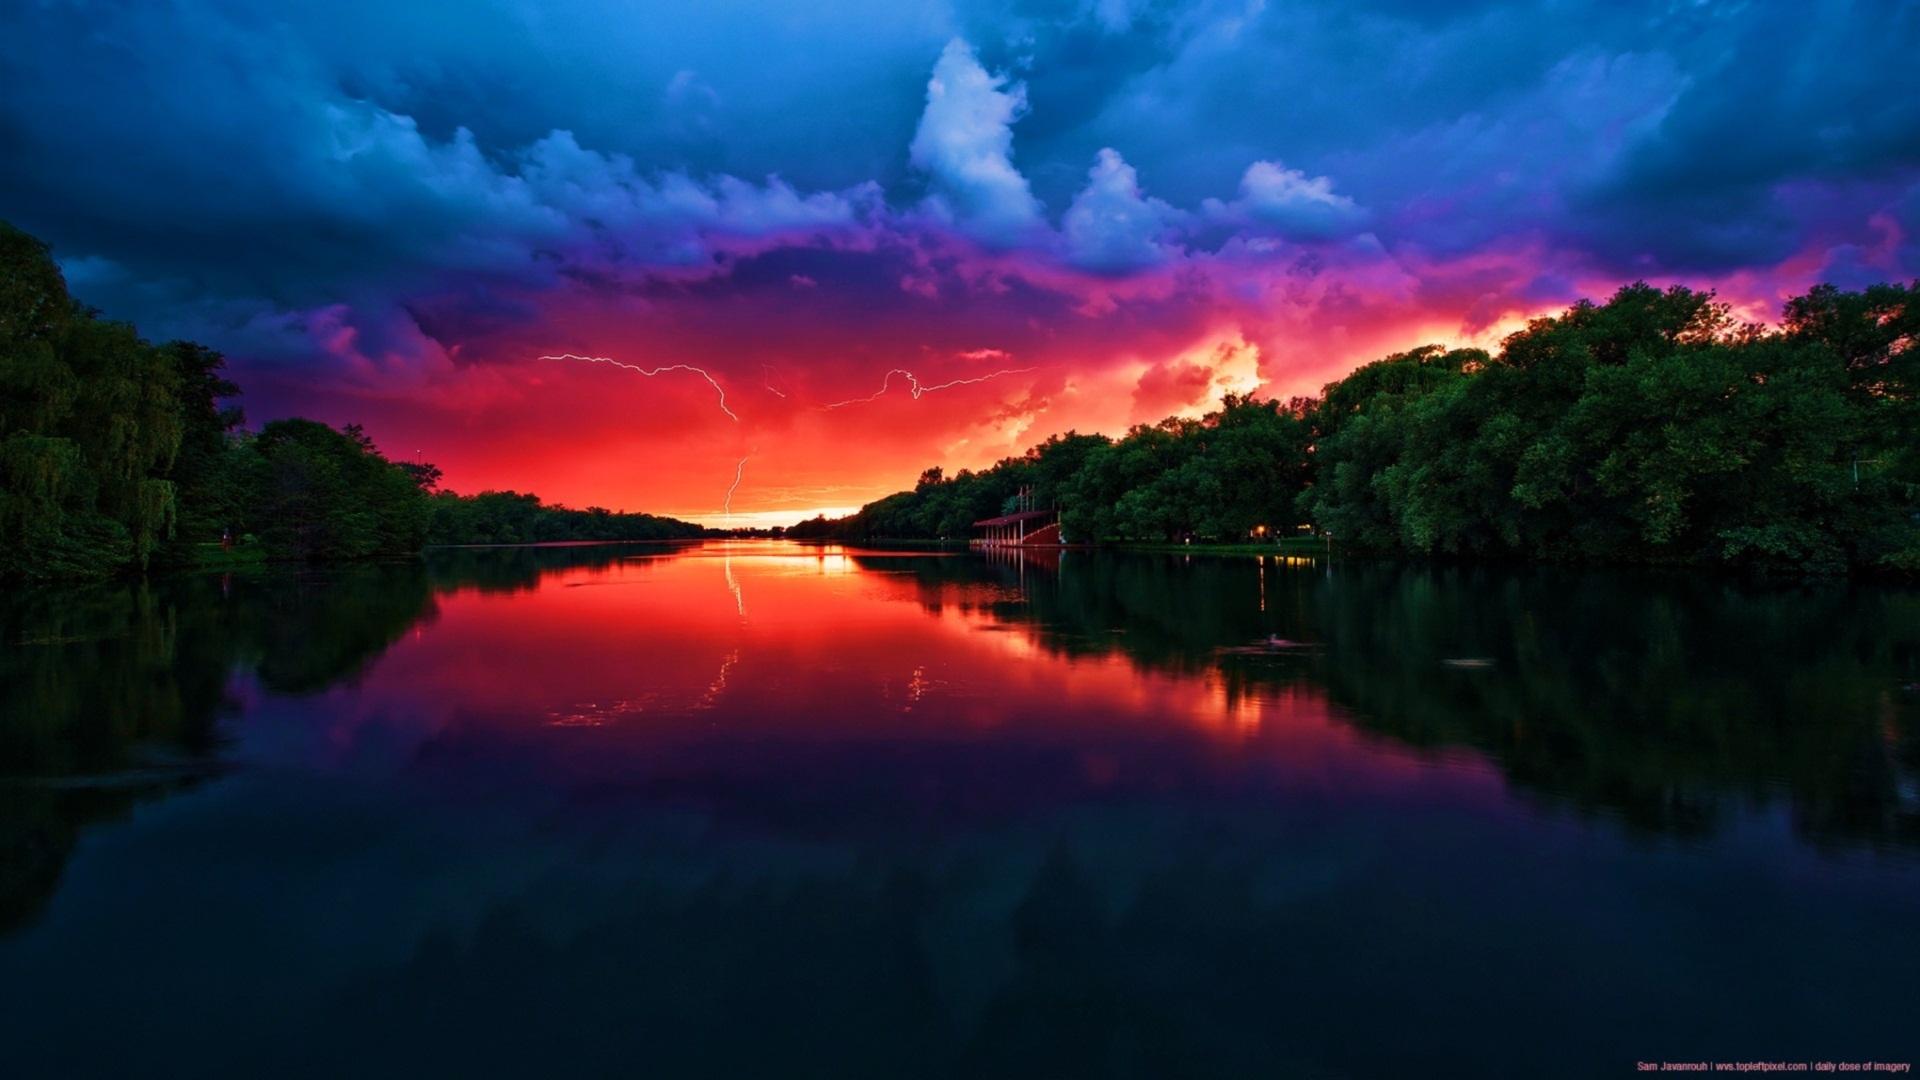 赤い空 壁紙 | 1920x1080 壁紙ダウンロード : 自然と涙がでてくるほど美しい空・景色・風景画像集 ...